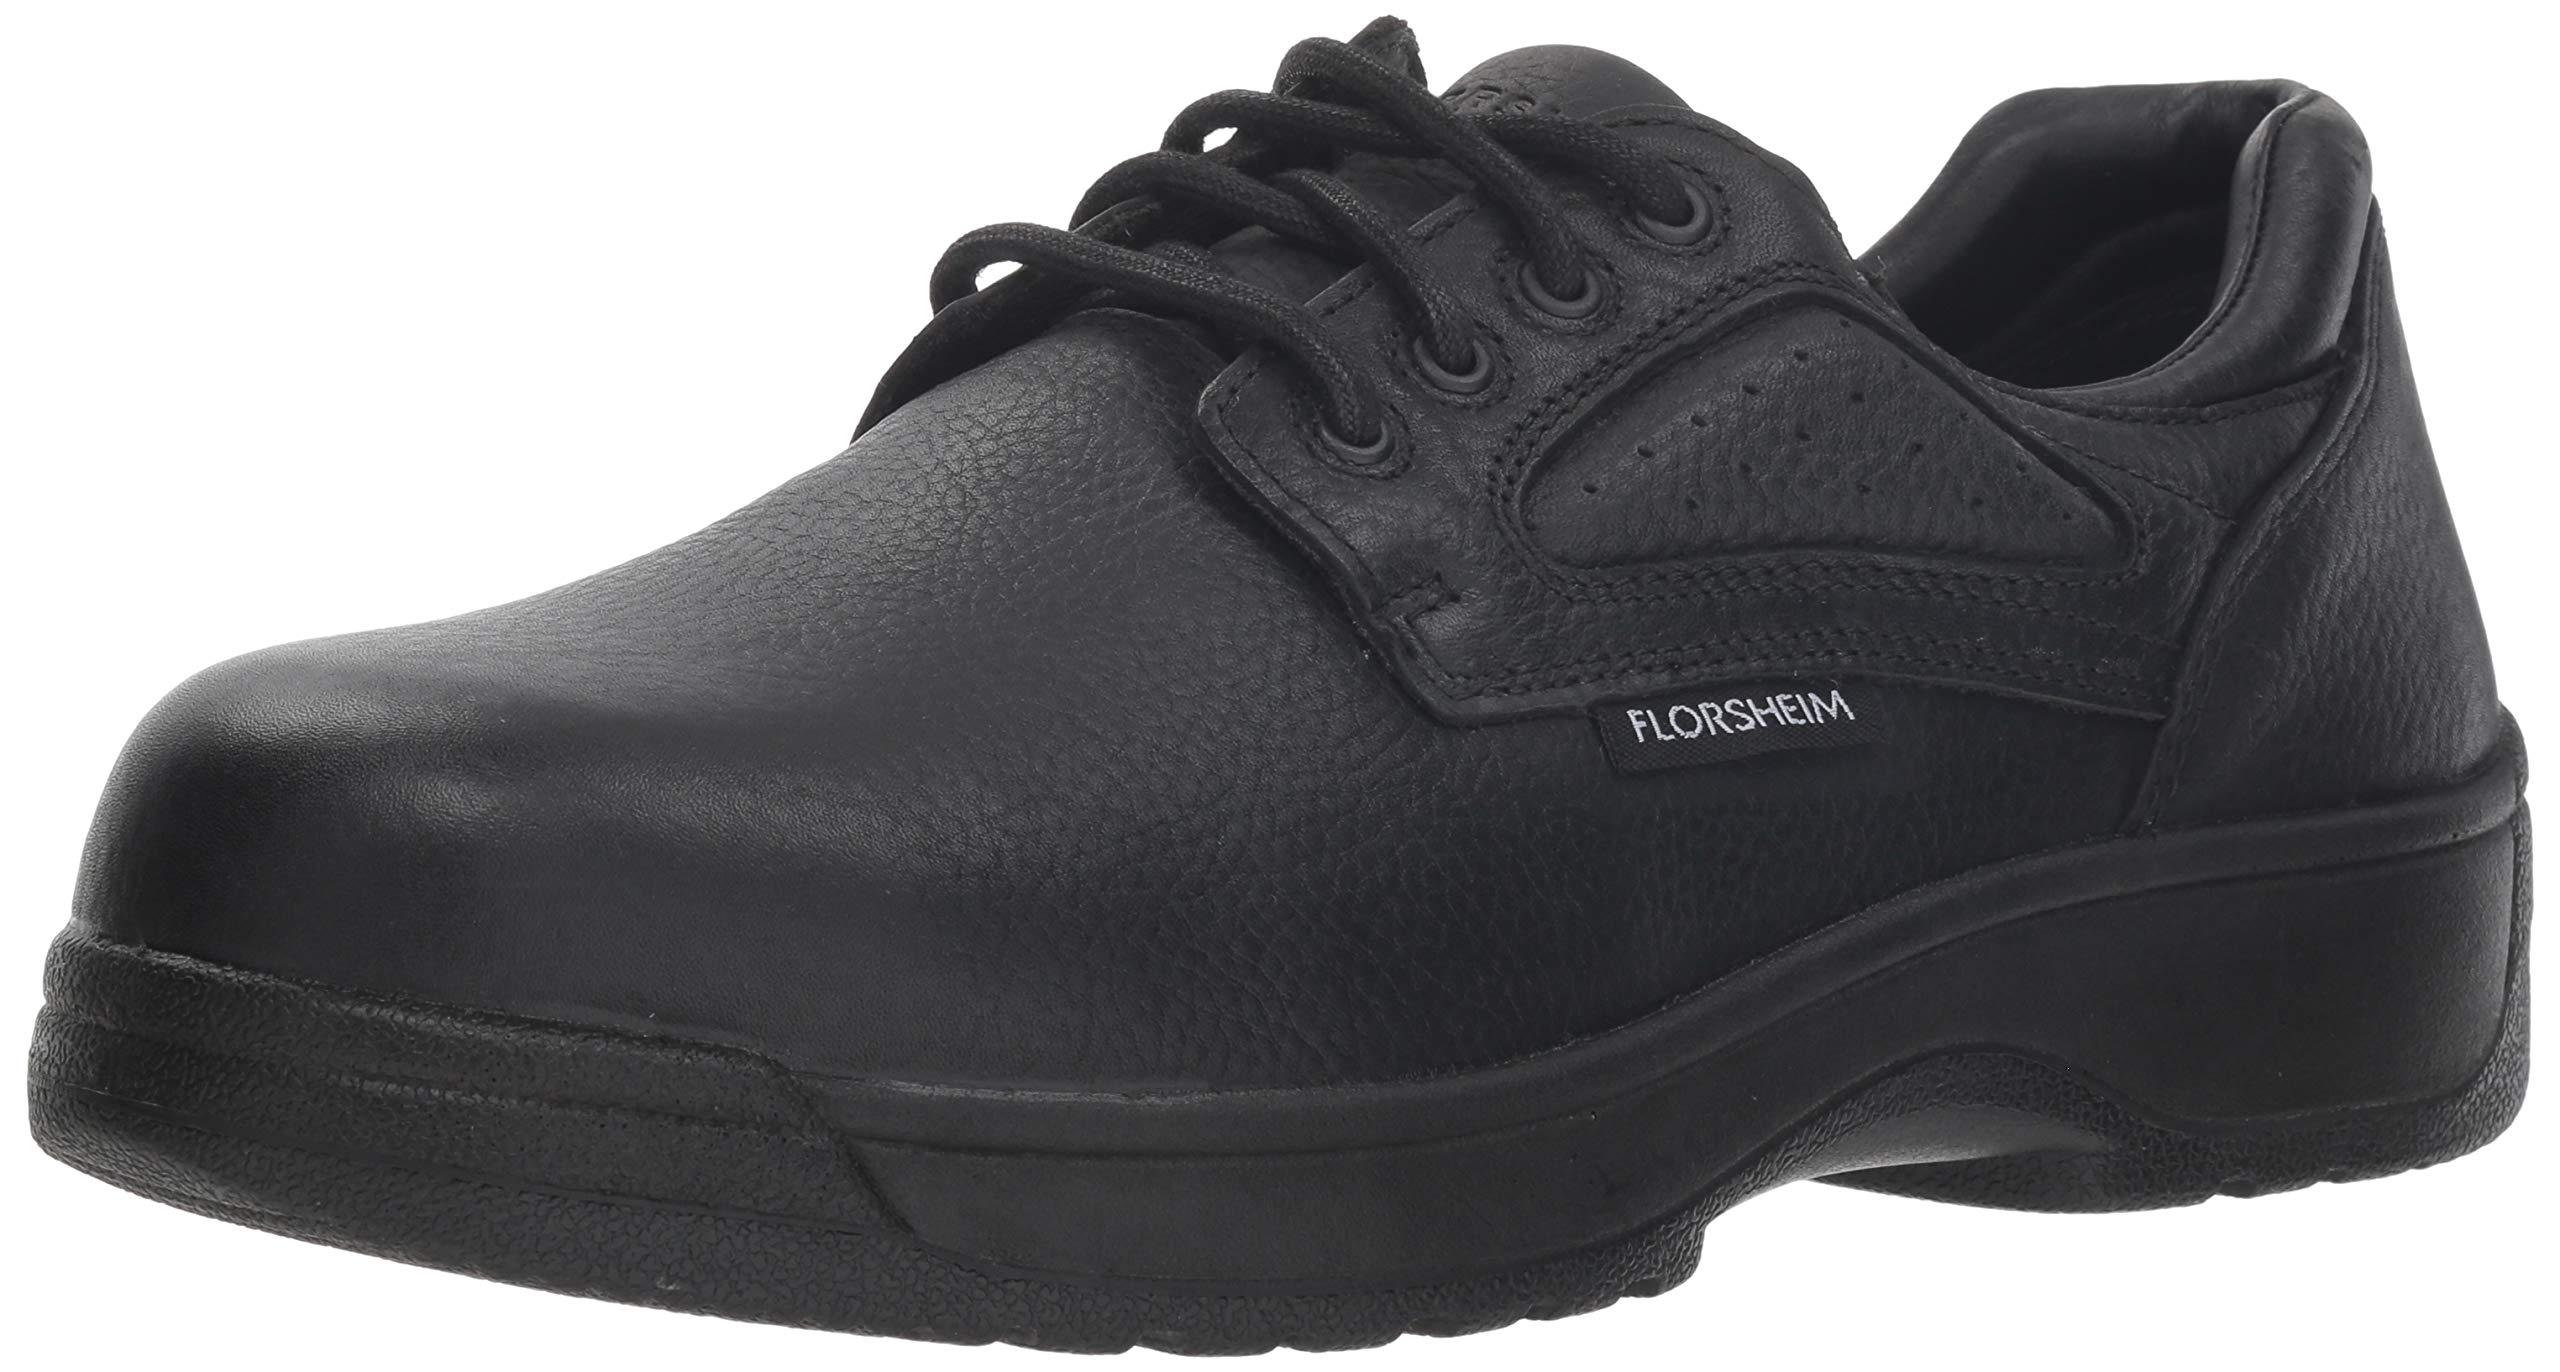 Florsheim Work Men's Work Fiesta FS2416 Work Shoe, Black, 14 D US